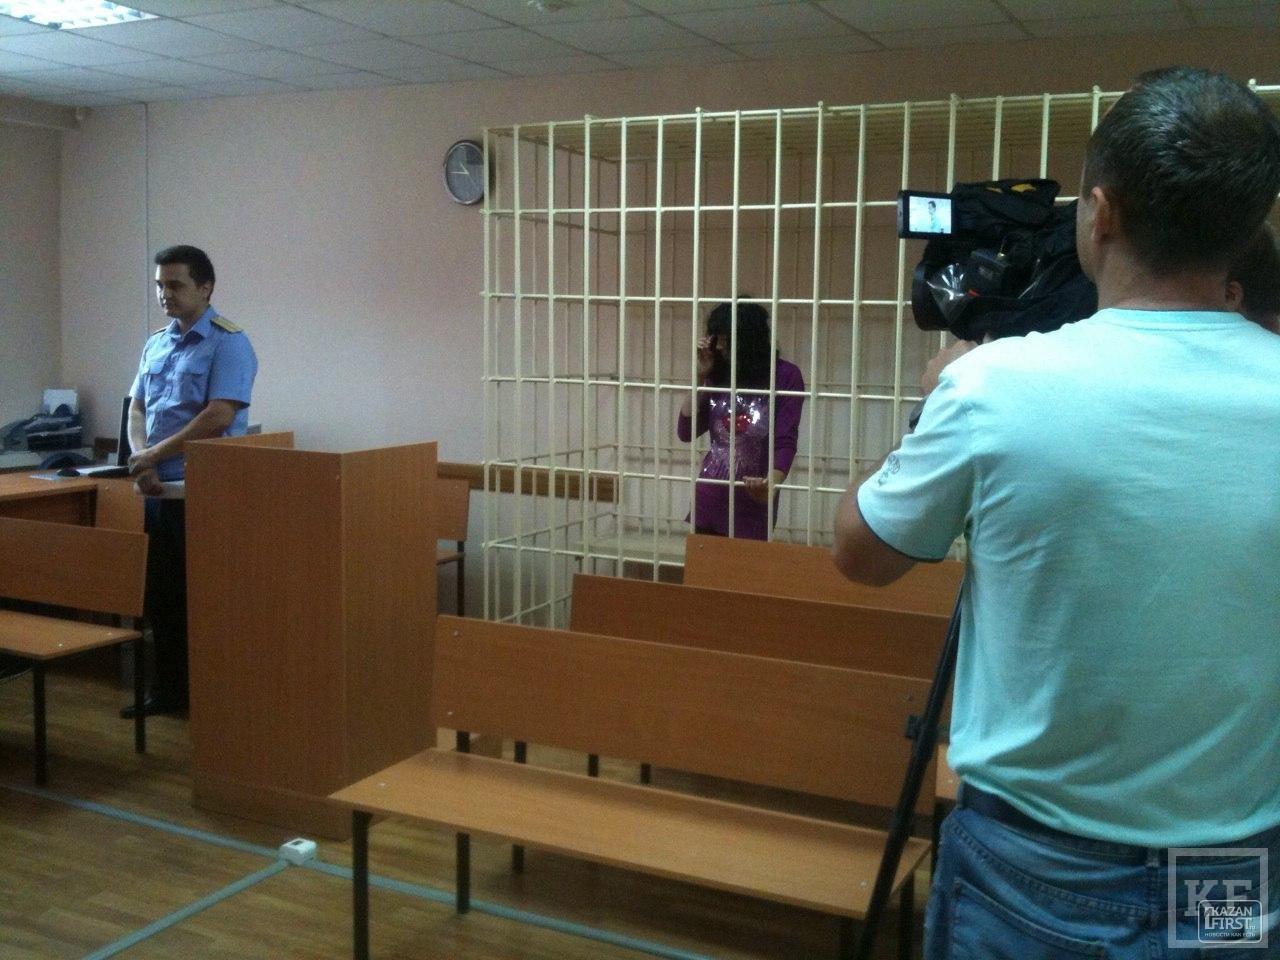 Жительница Казани, бросившая новорожденного в сумке на морозе, арестована до 21 августа